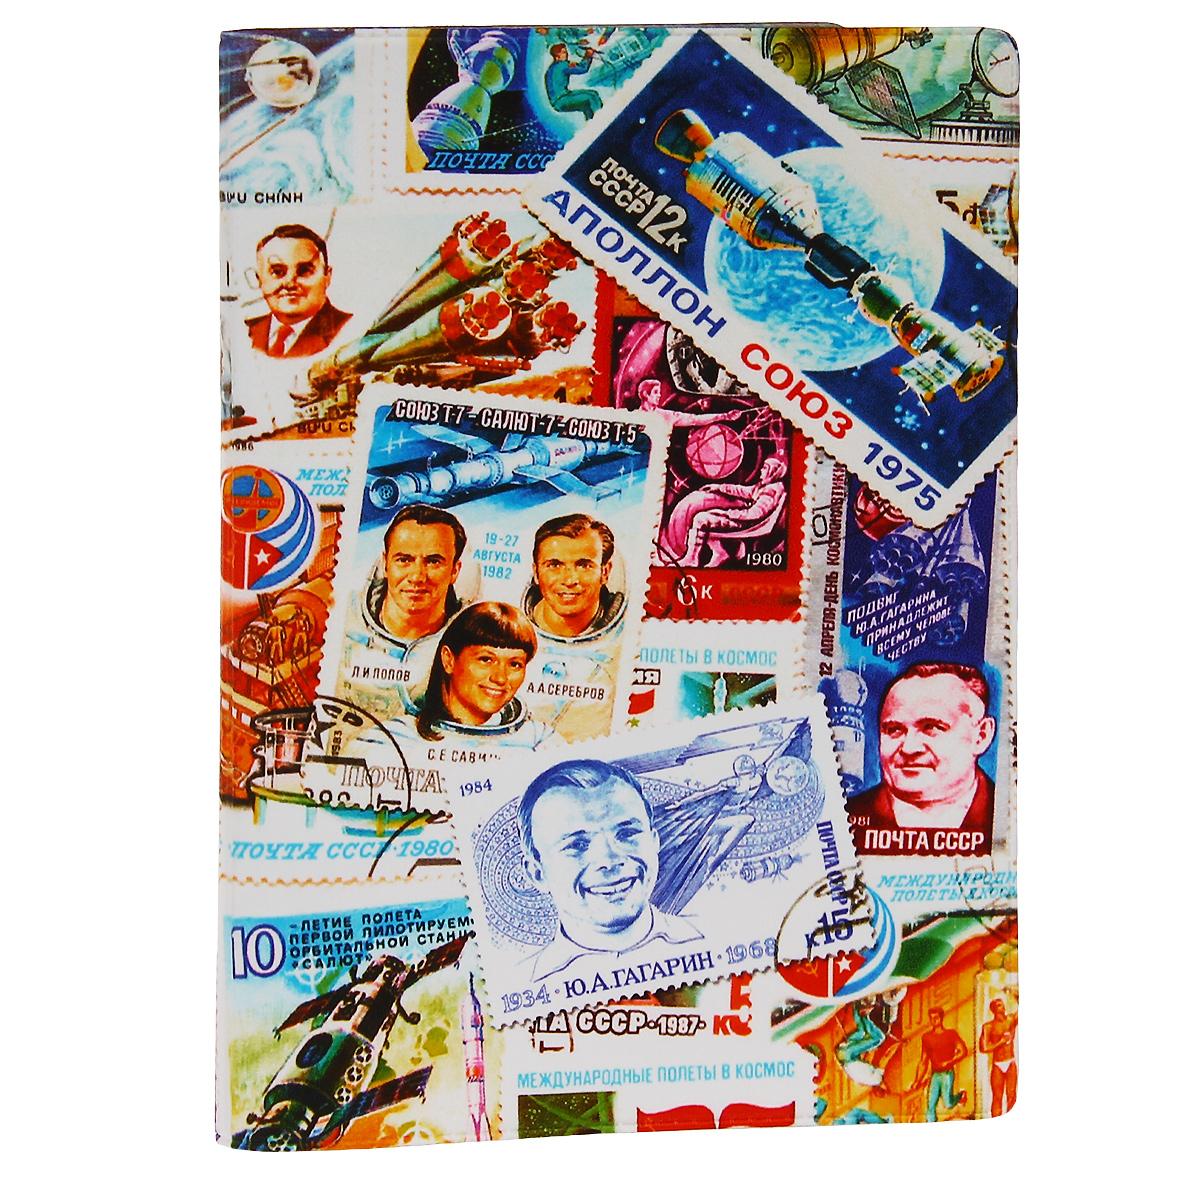 Обложка для автодокументов Космос (марки). AUTOZAM287ПВХ (поливинилхлорид)Обложка для автодокументов Mitya Veselkov Космос. Марки изготовлена из прочного ПВХ и оформлена изображениями почтовых марок с космической тематикой. На внутреннем развороте имеются съемный блок из шести прозрачных файлов из мягкого пластика для водительских документов, один из которых формата А5, а также два боковых кармашка для визиток или банковских карт. Стильная обложка не только поможет сохранить внешний вид ваших документов и защитит их от грязи и пыли, но и станет аксессуаром, который подчеркнет вашу яркую индивидуальность.